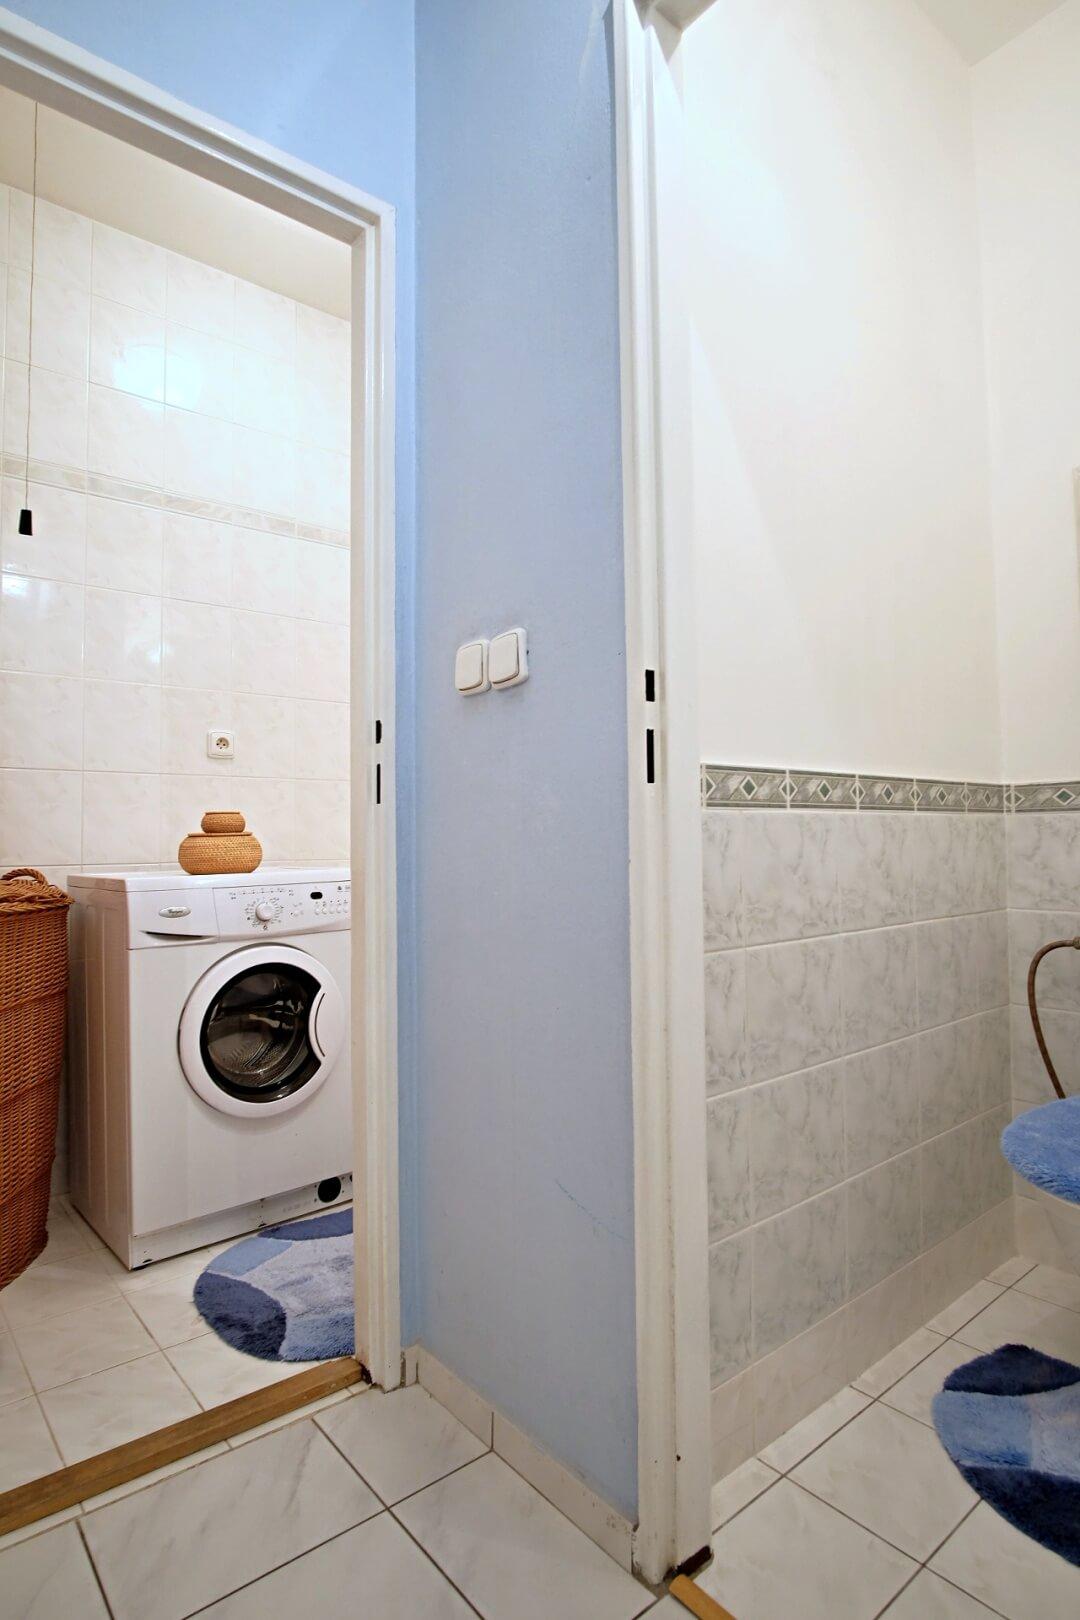 Predané: Na predaj príjemný 3 izbový byt so zmenenou dispozíciou s výhľadom do veľkého parku-9